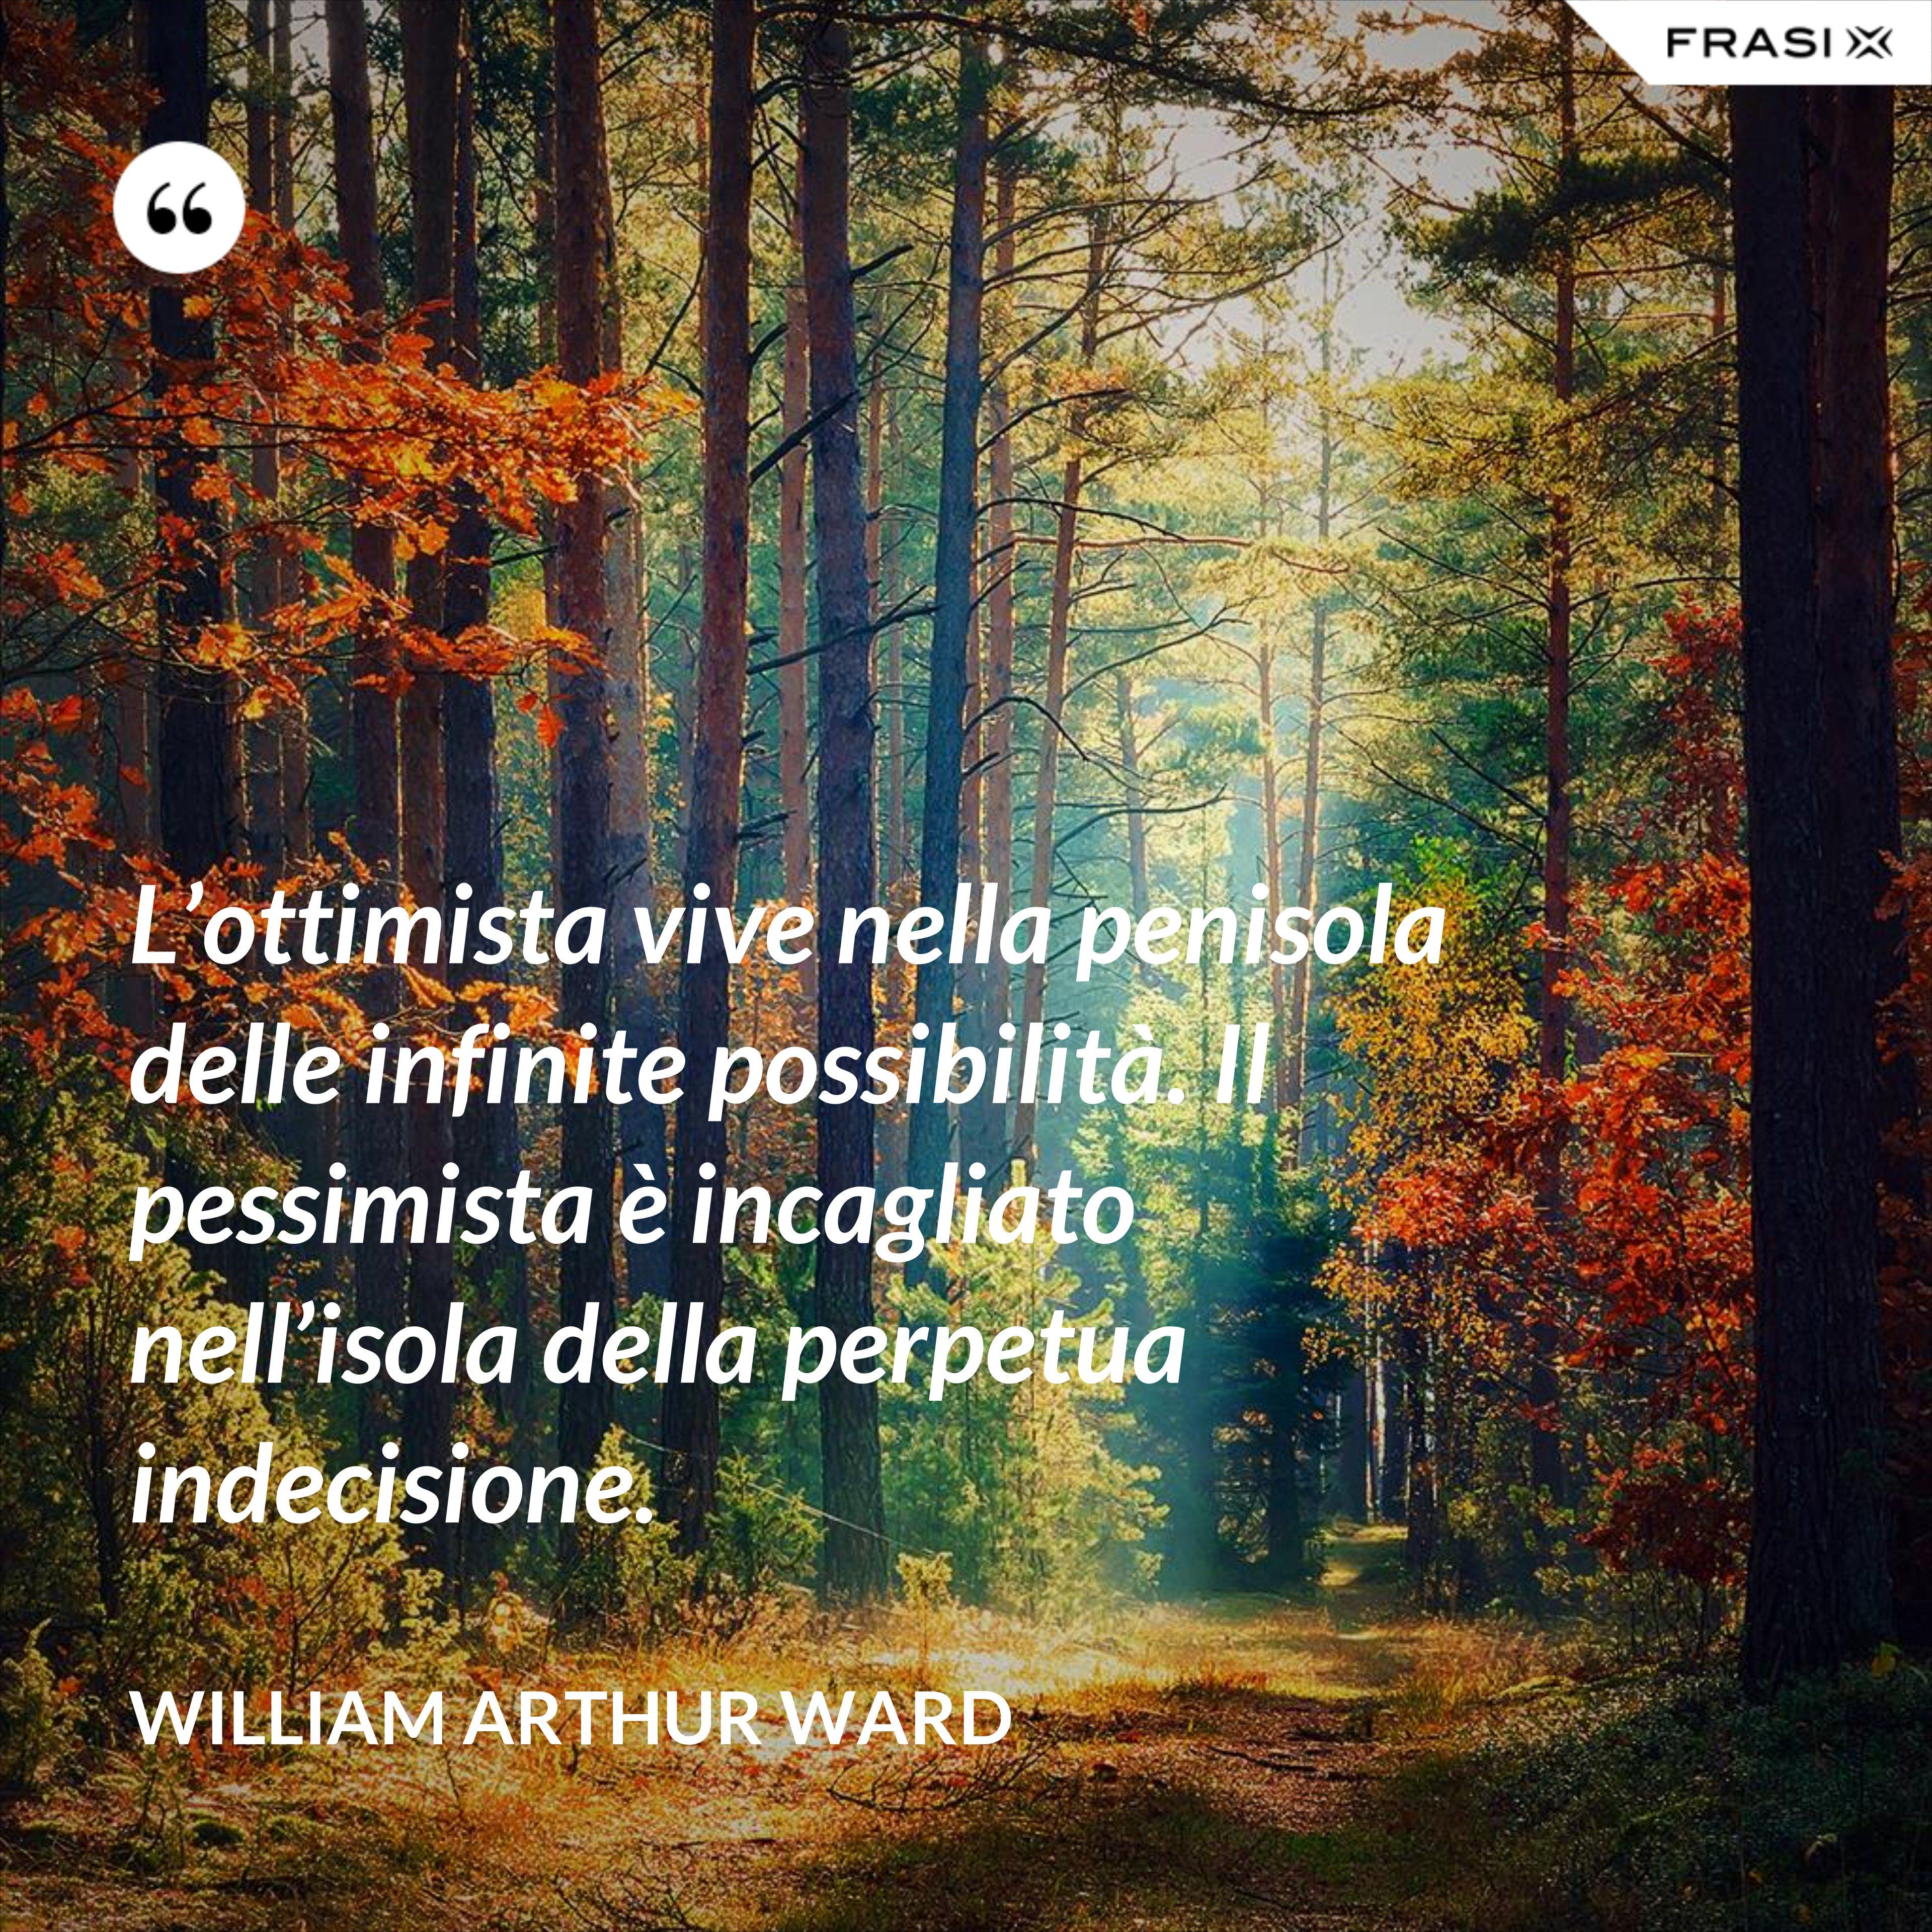 L'ottimista vive nella penisola delle infinite possibilità. Il pessimista è incagliato nell'isola della perpetua indecisione. - William Arthur Ward